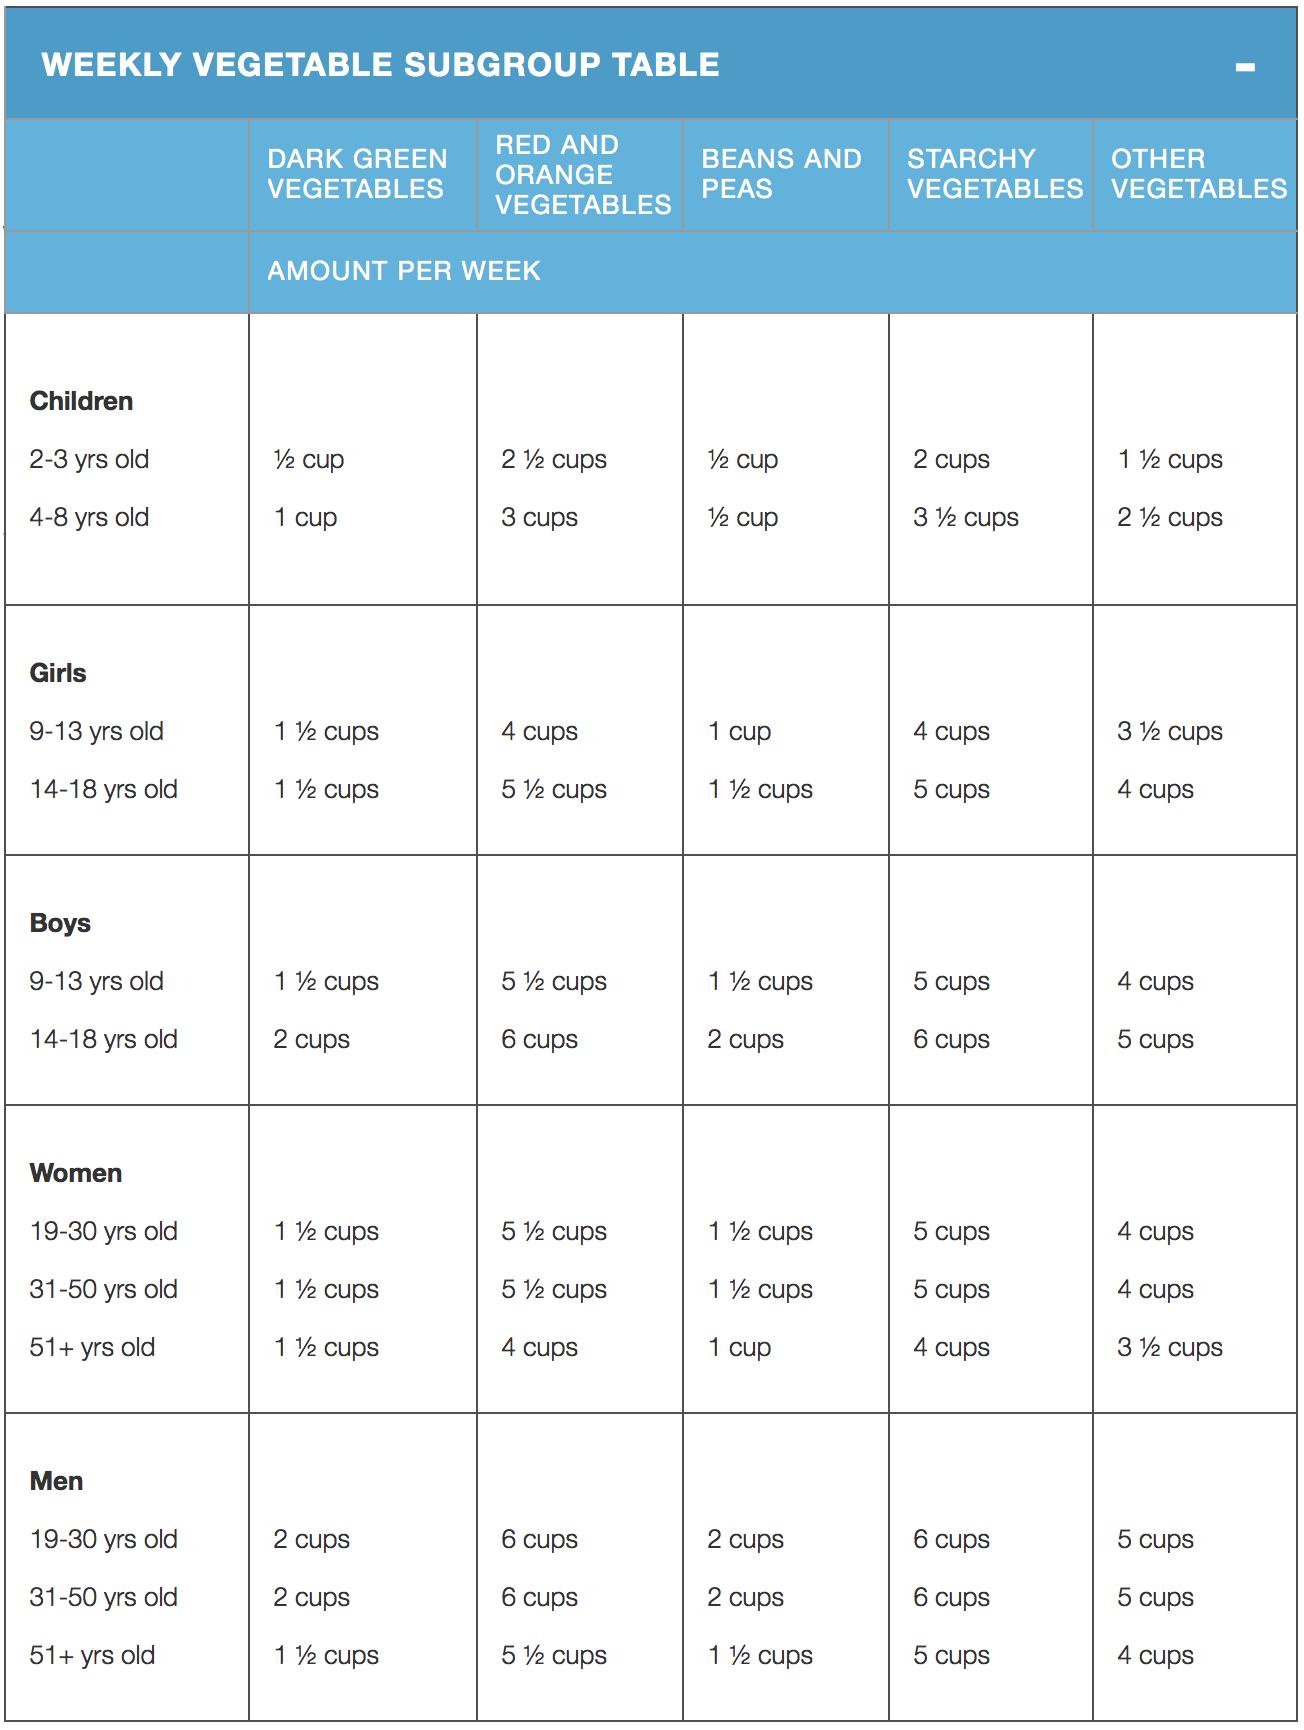 USDA weekly veg chart